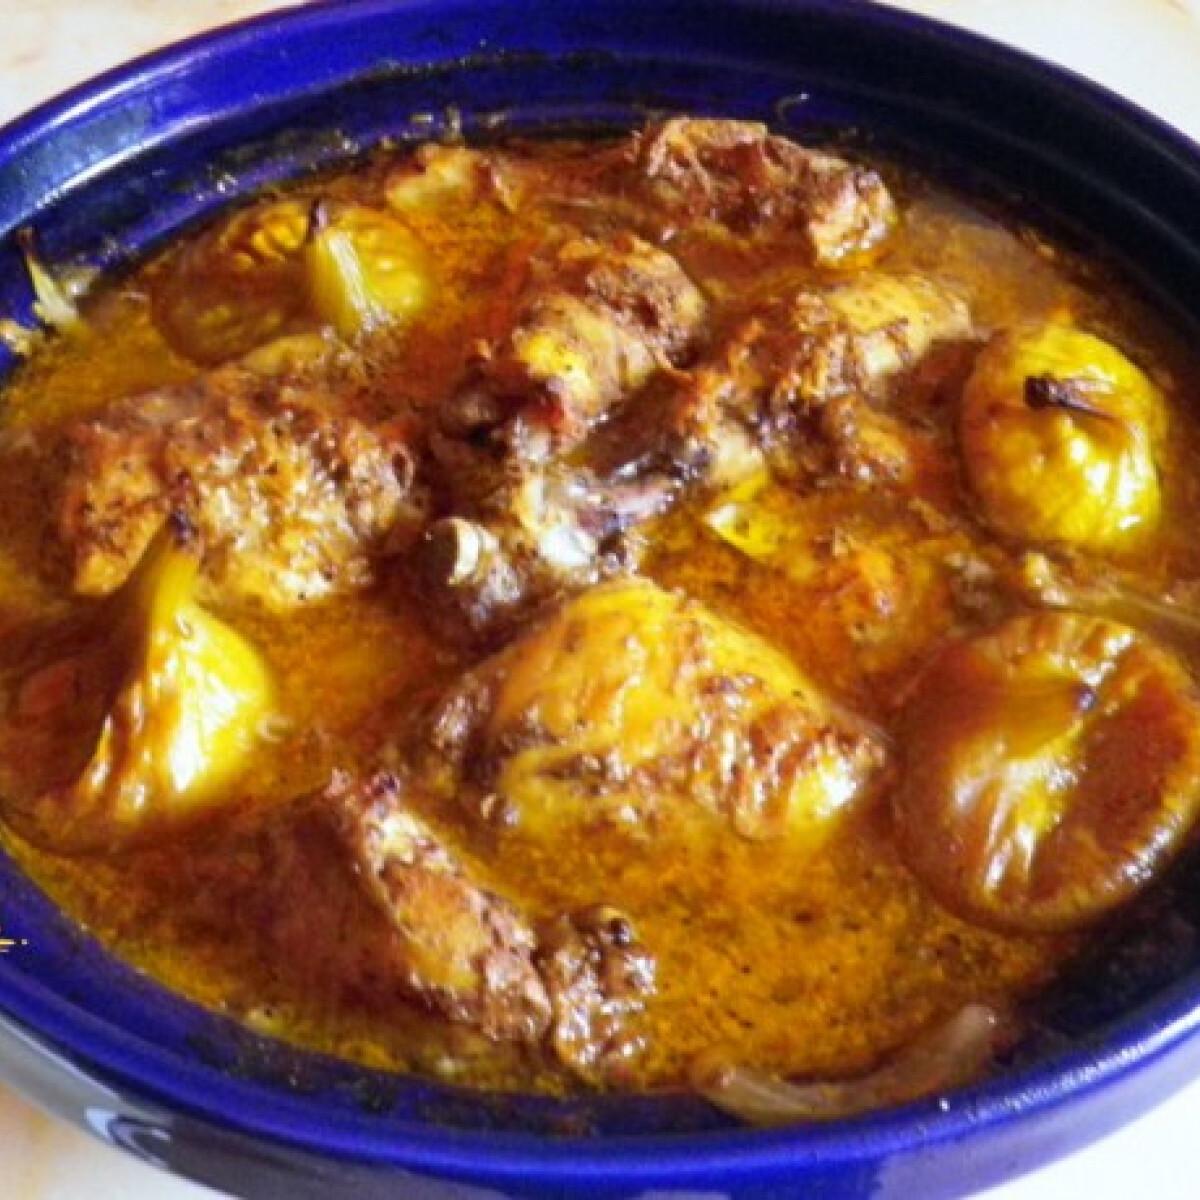 Ezen a képen: Marokkói csirke tagine-ban készítve